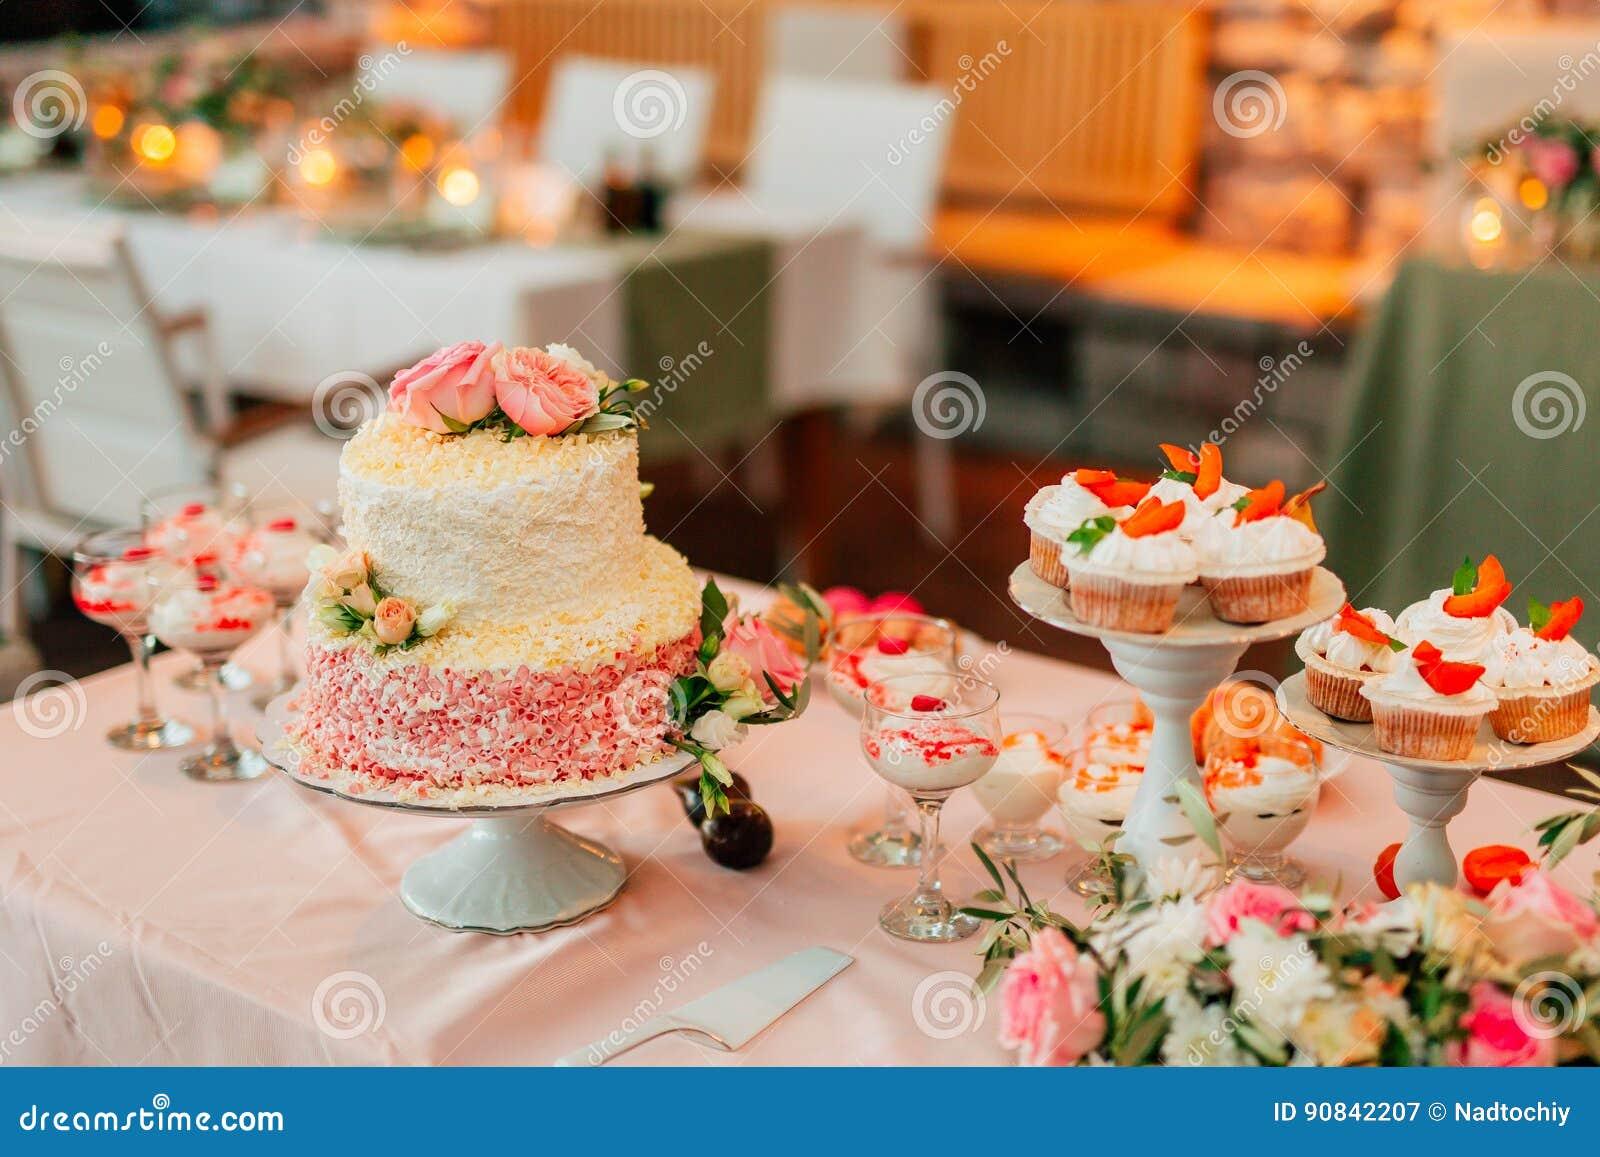 Hochzeitstorte Rustikal Stockbild Bild Von Nachtisch 90842207